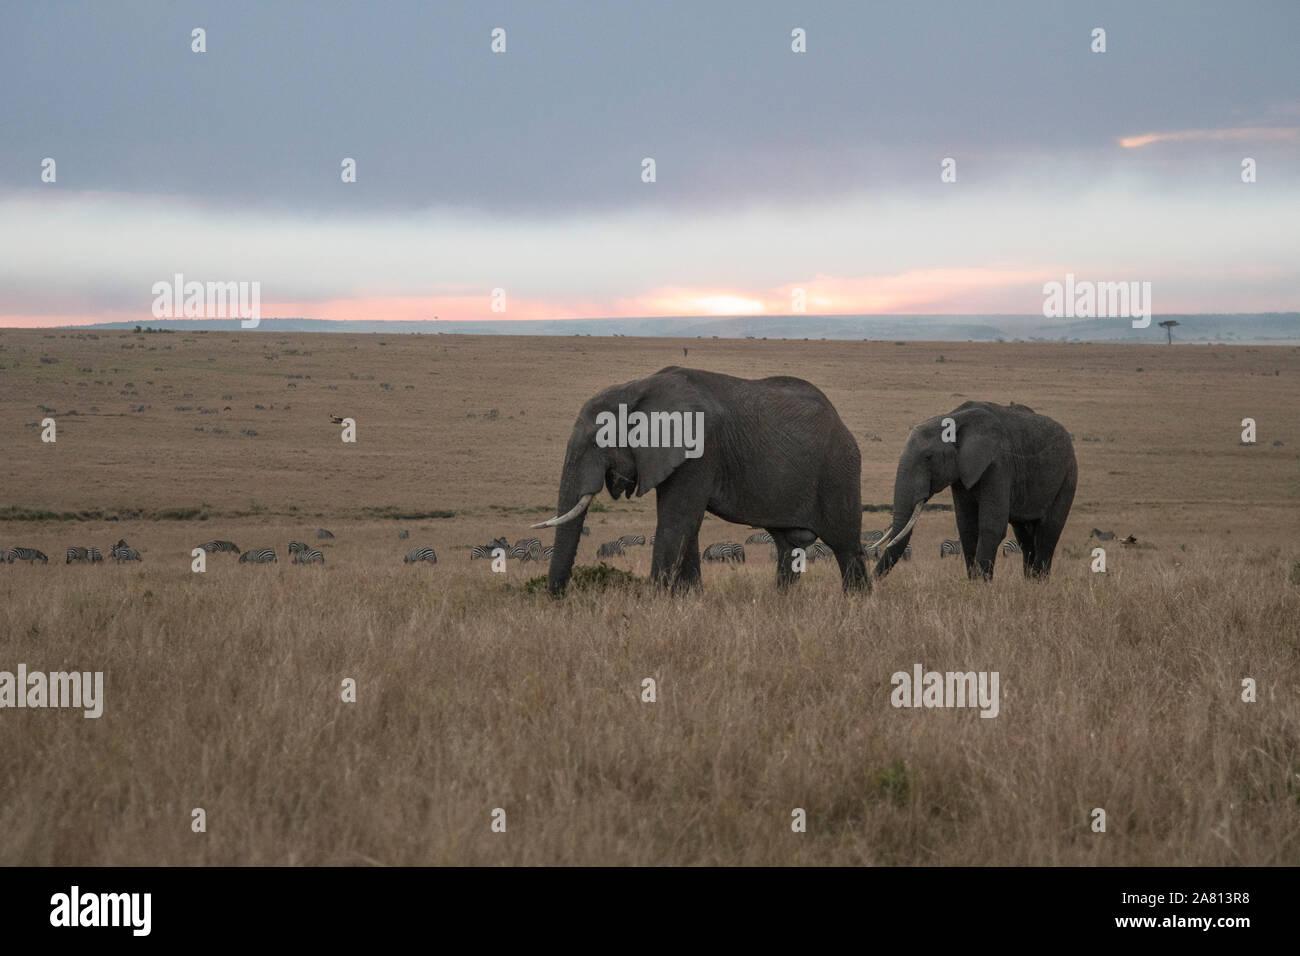 Bush africano elefantes alimentándose de hierbas al atardecer en Masai Mara, Kenya reserva Foto de stock